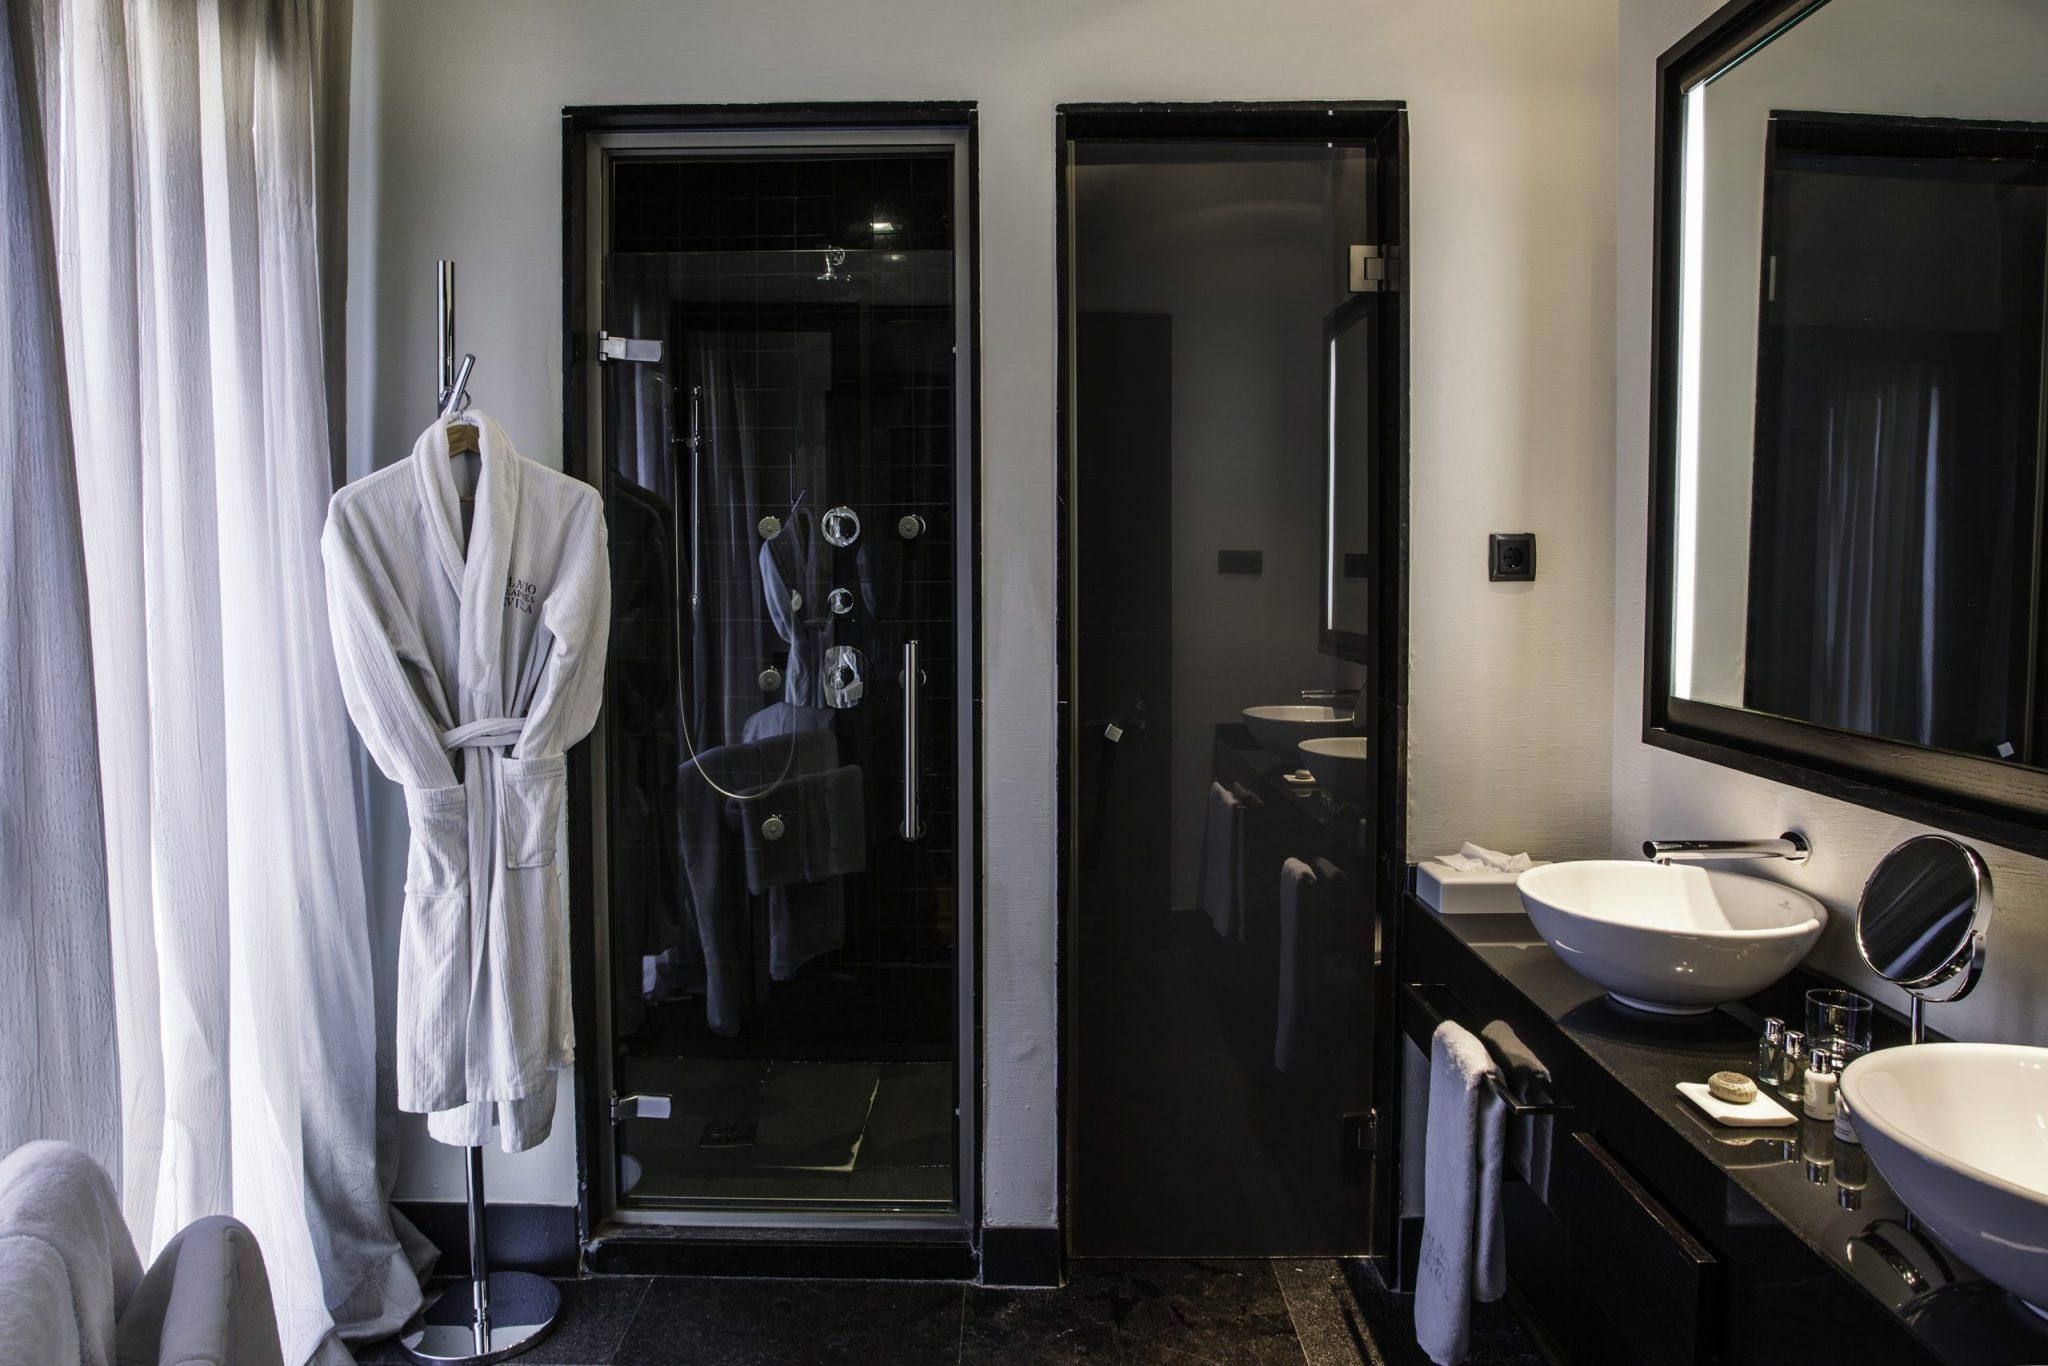 Palacio-Suite-Bathroom3-1-scaled.jpg